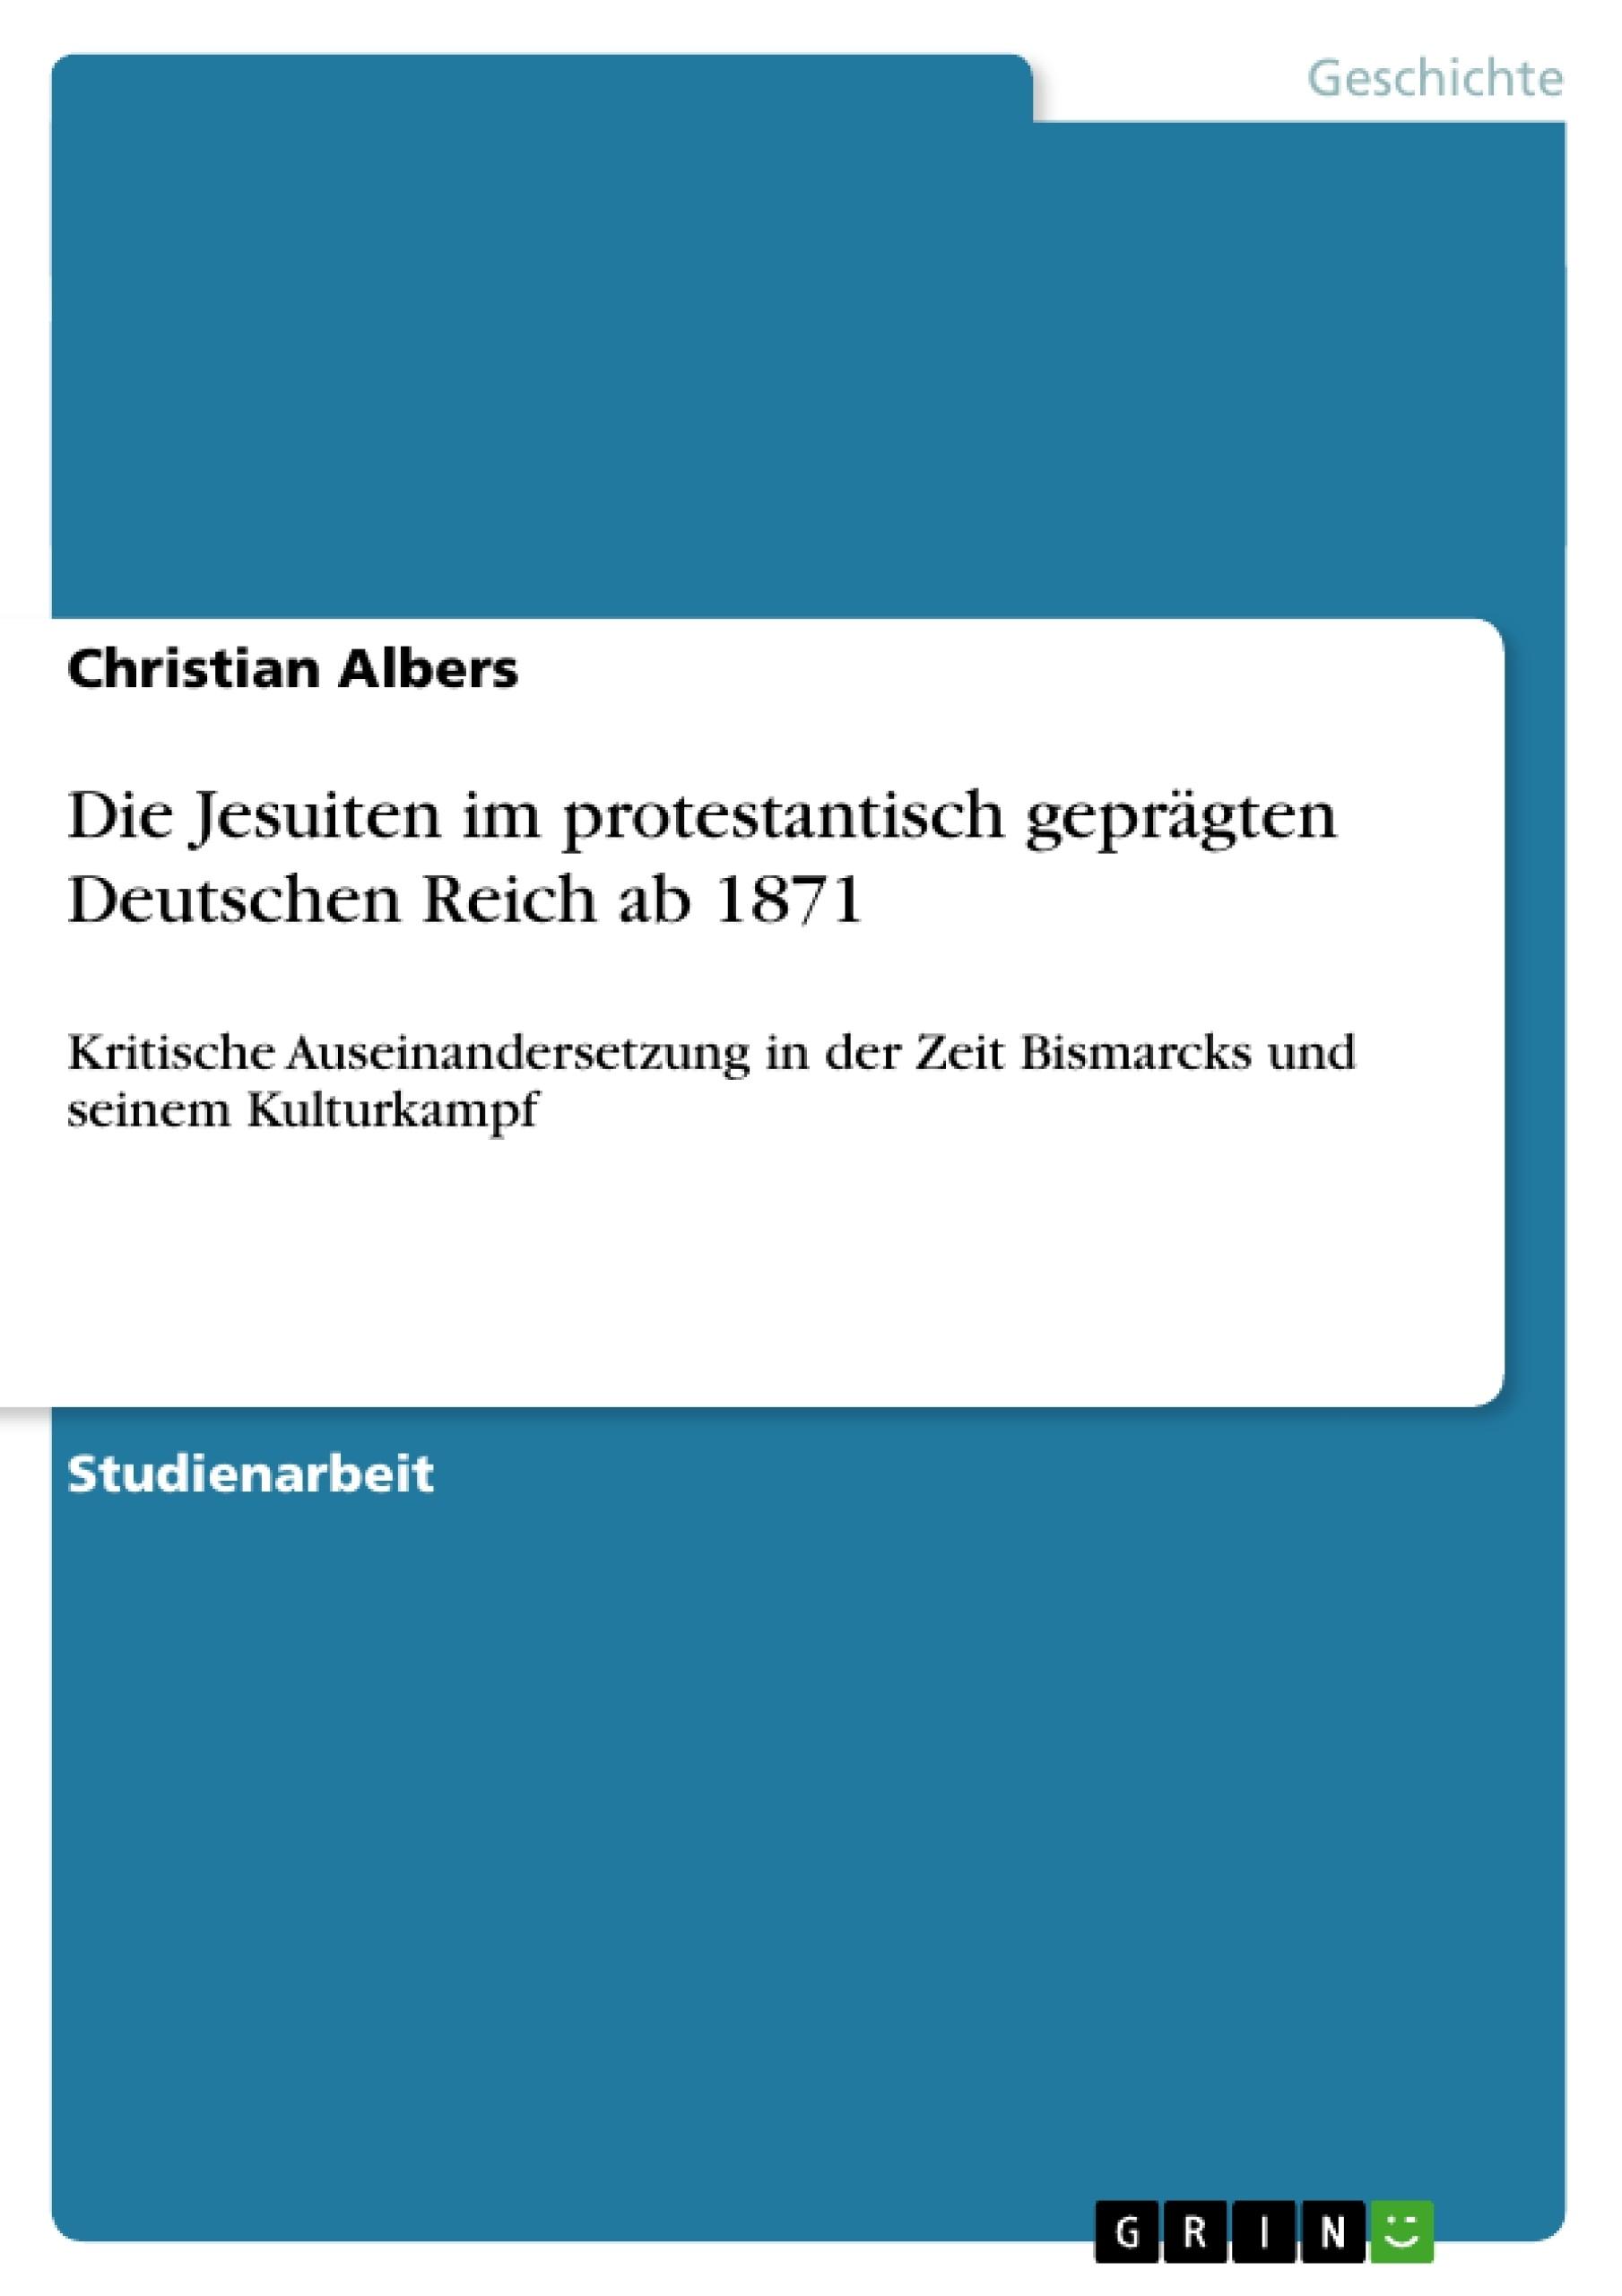 Titel: Die Jesuiten im protestantisch geprägten Deutschen Reich ab 1871